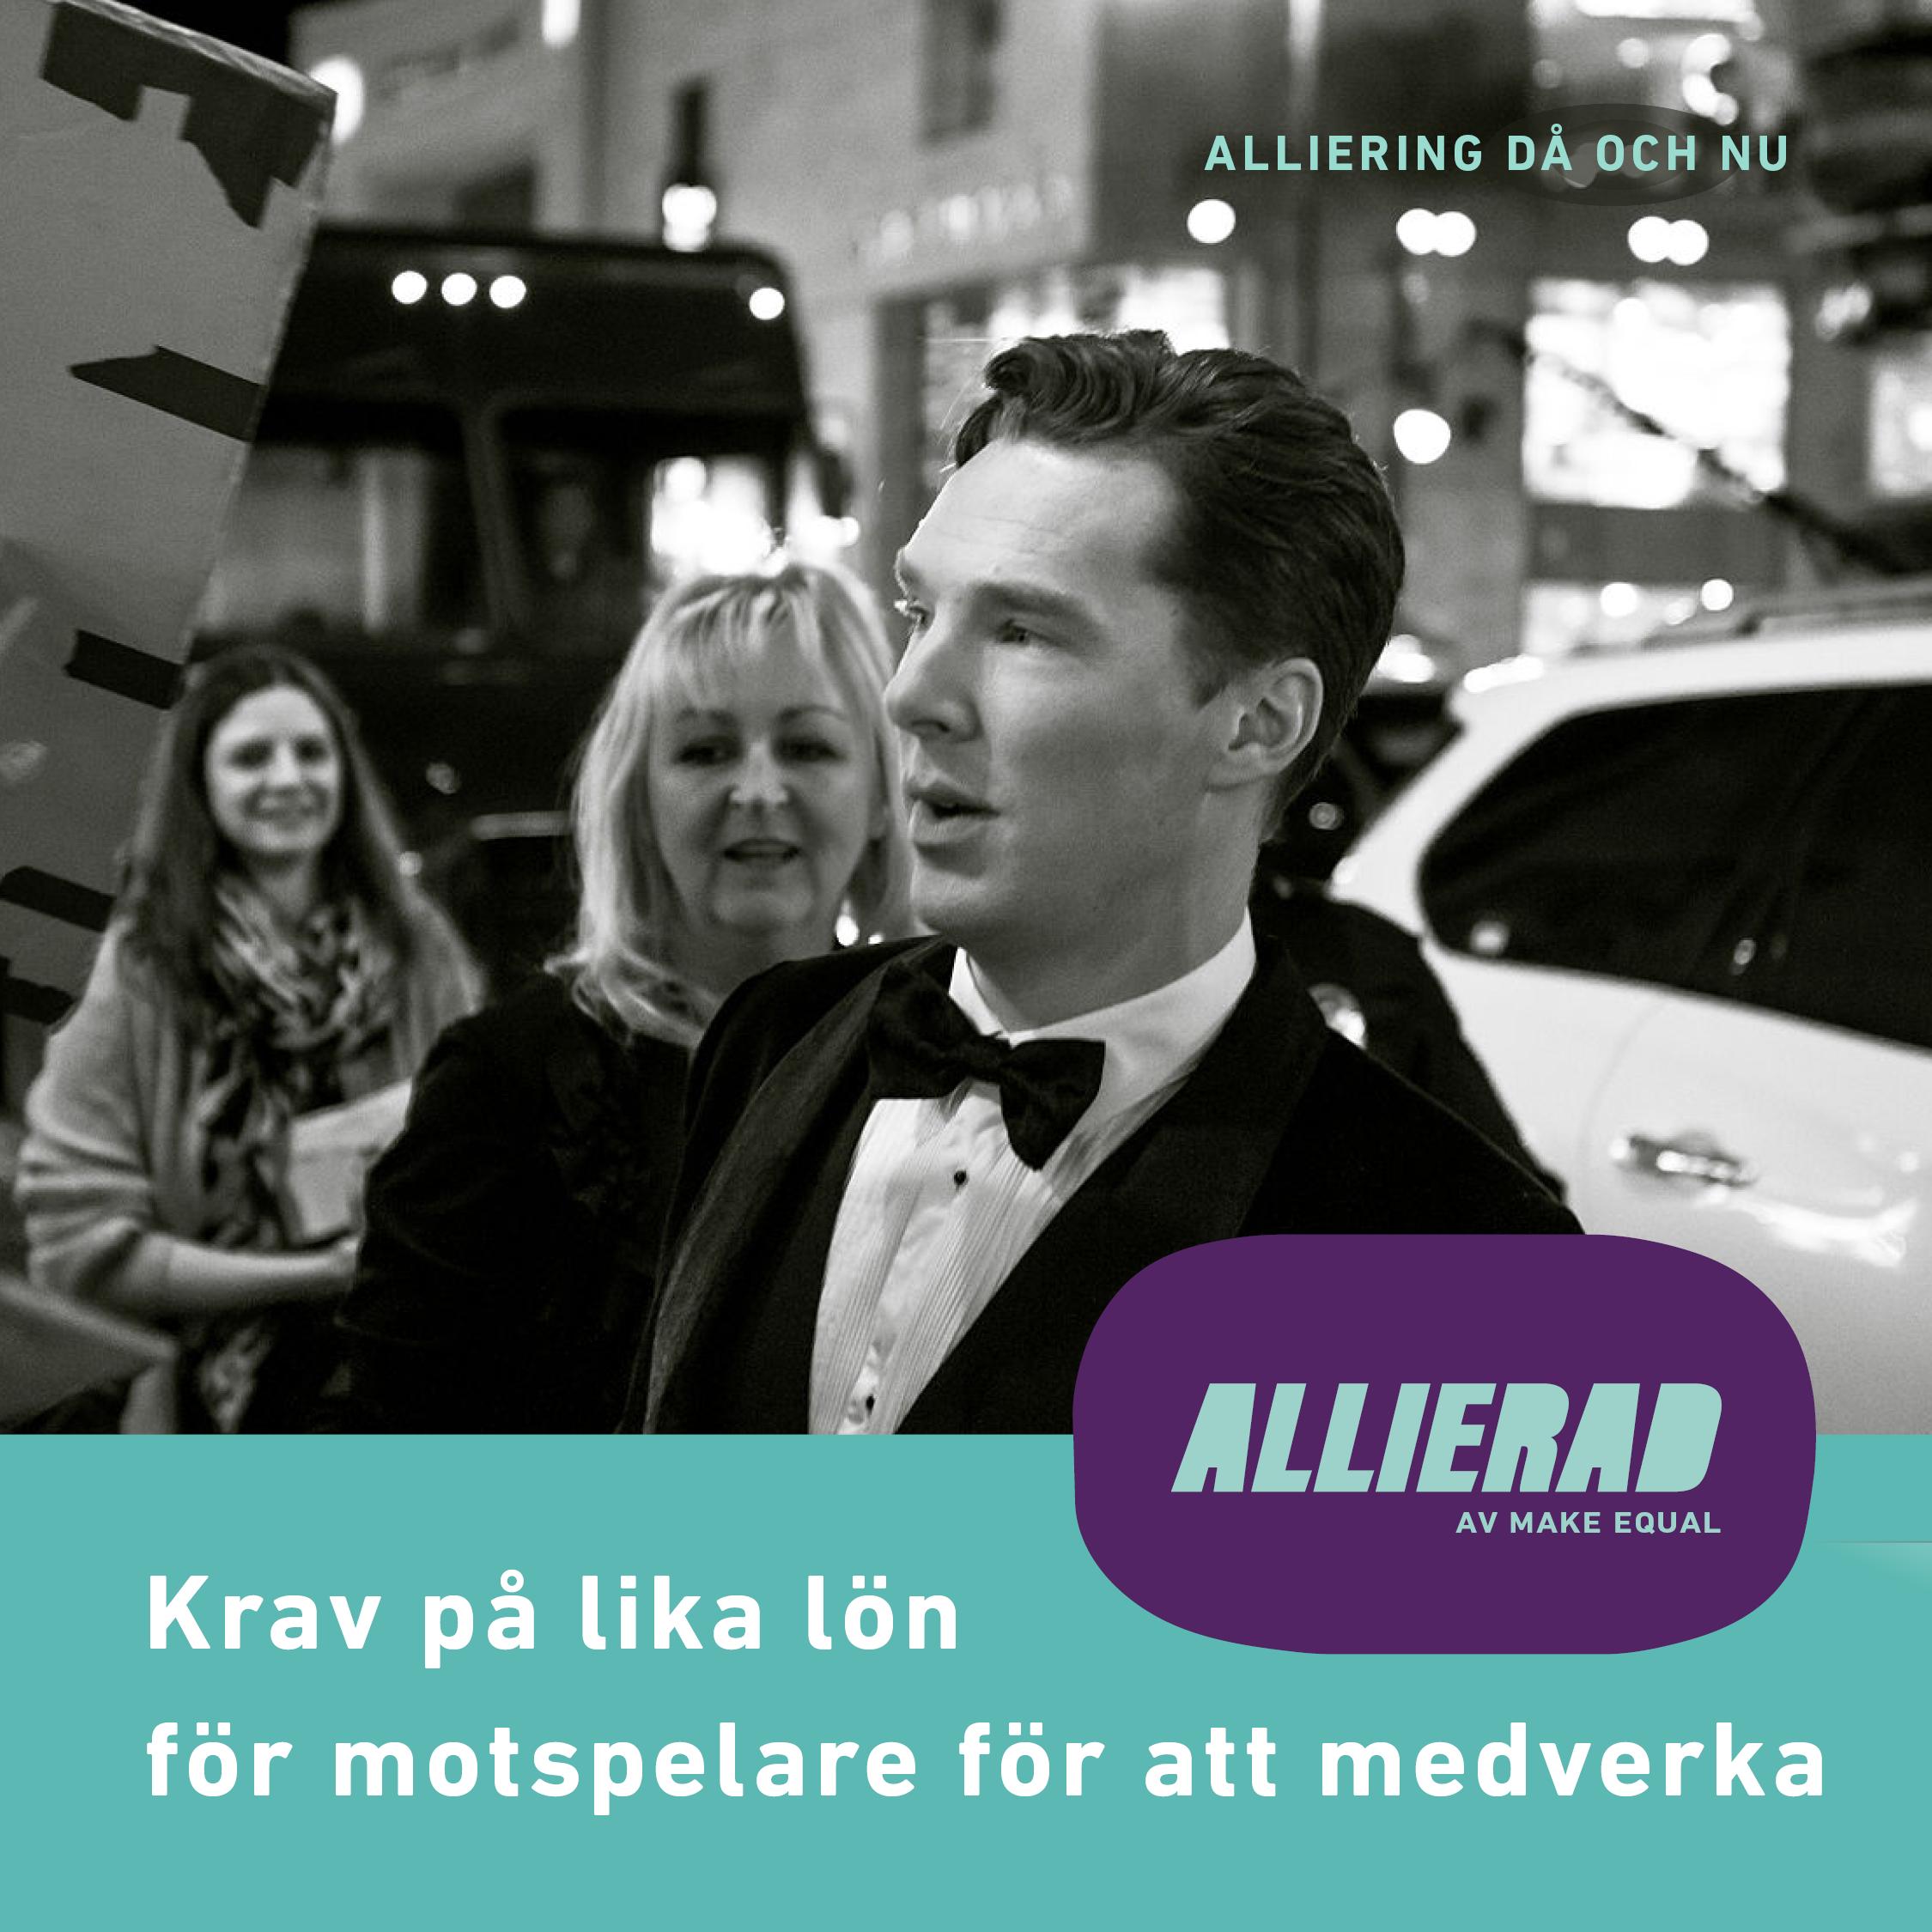 Svartvitt foto. Benedict Cumberbatch, klädd i smoking, på väg från skinande vit bil, passerar reportrar.